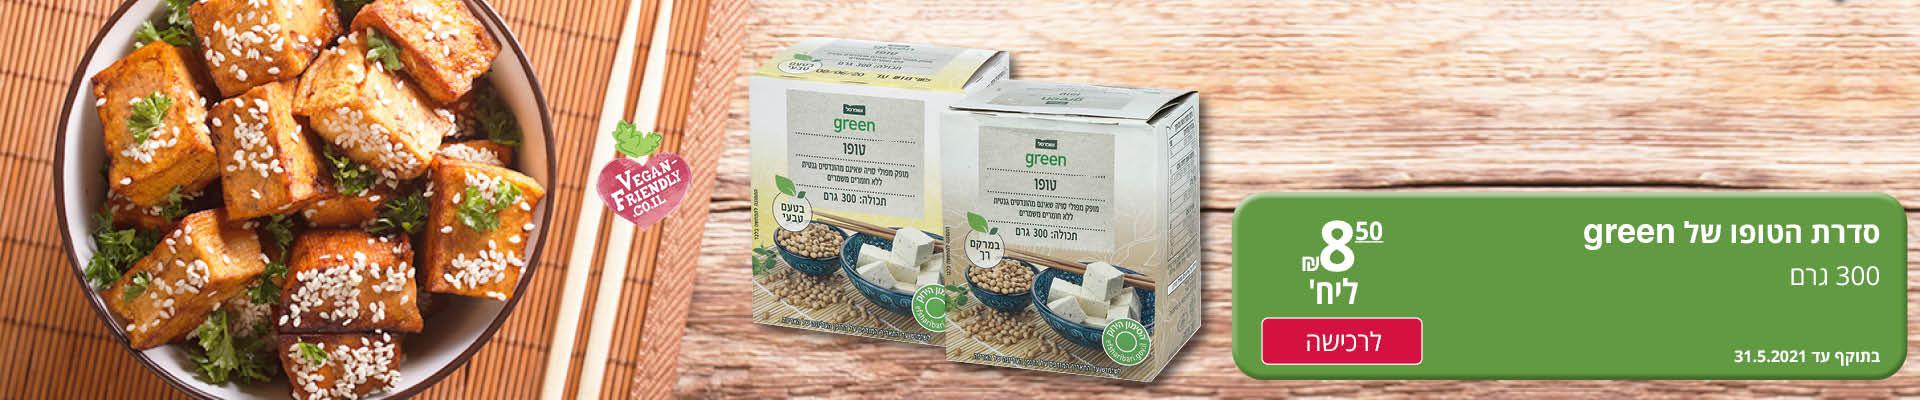 סדרת הטופו של GREEN 300 גרם 8.50 ₪ ליח' לרכישה בתוקף עד 31.5.2021